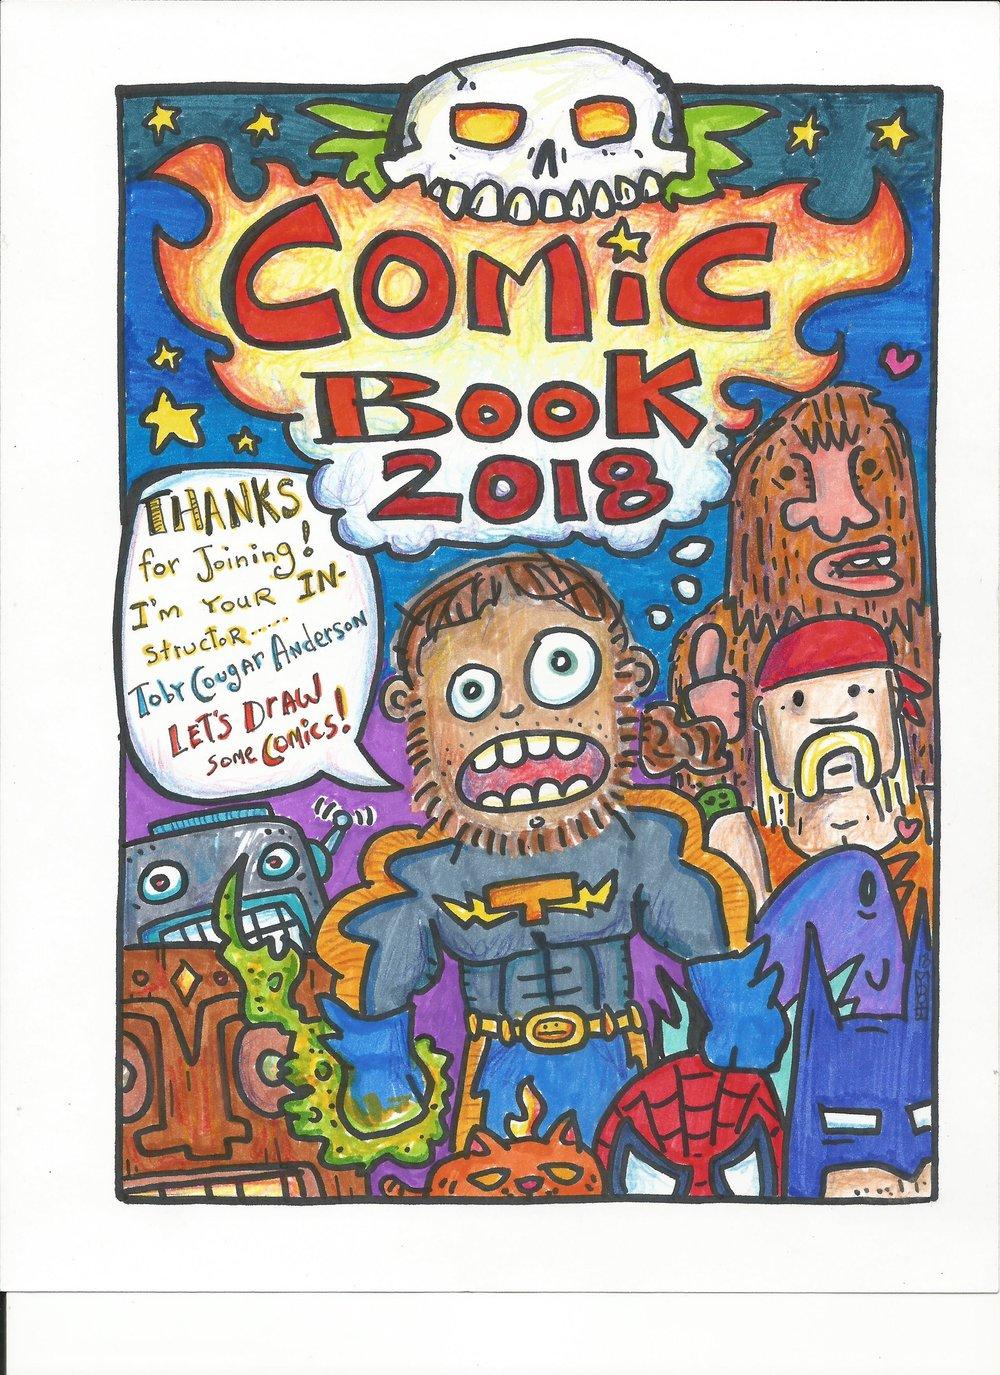 ComicBook2018 manualcover.jpg